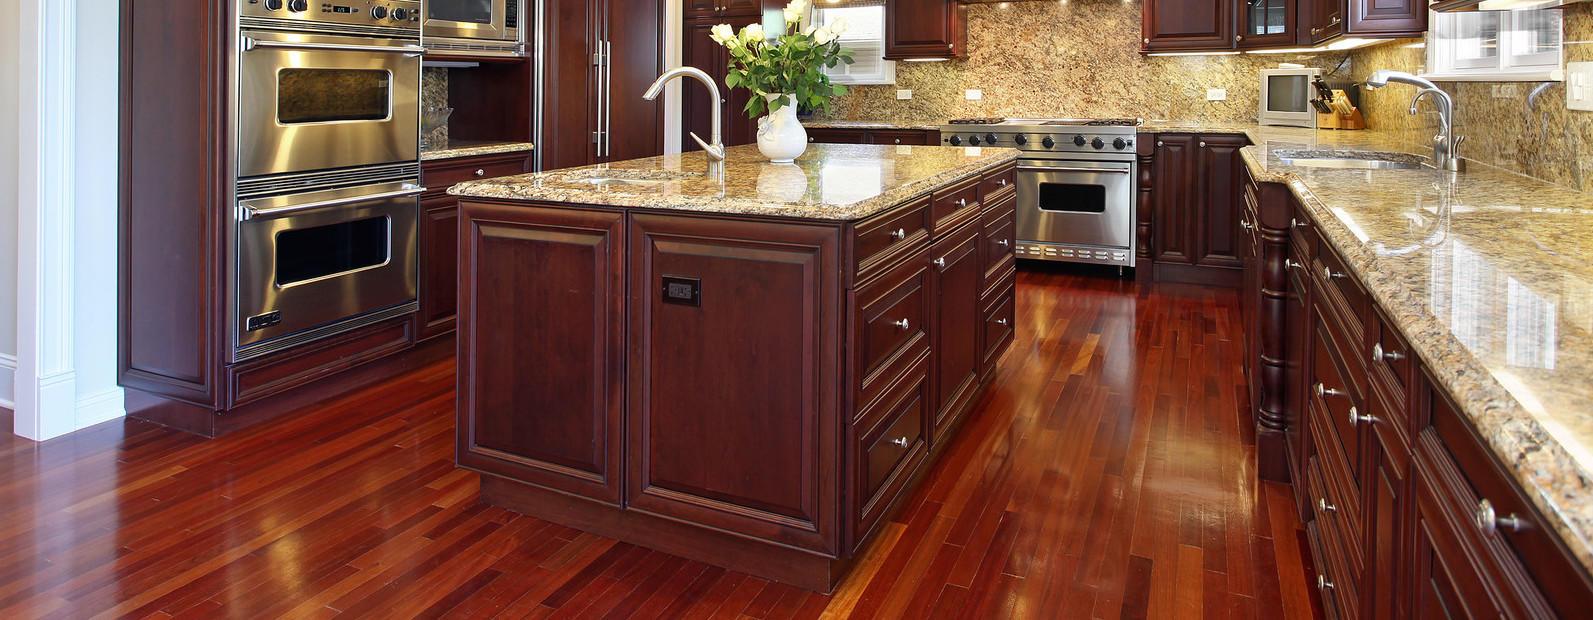 Lakeside Floor Coverings image 1